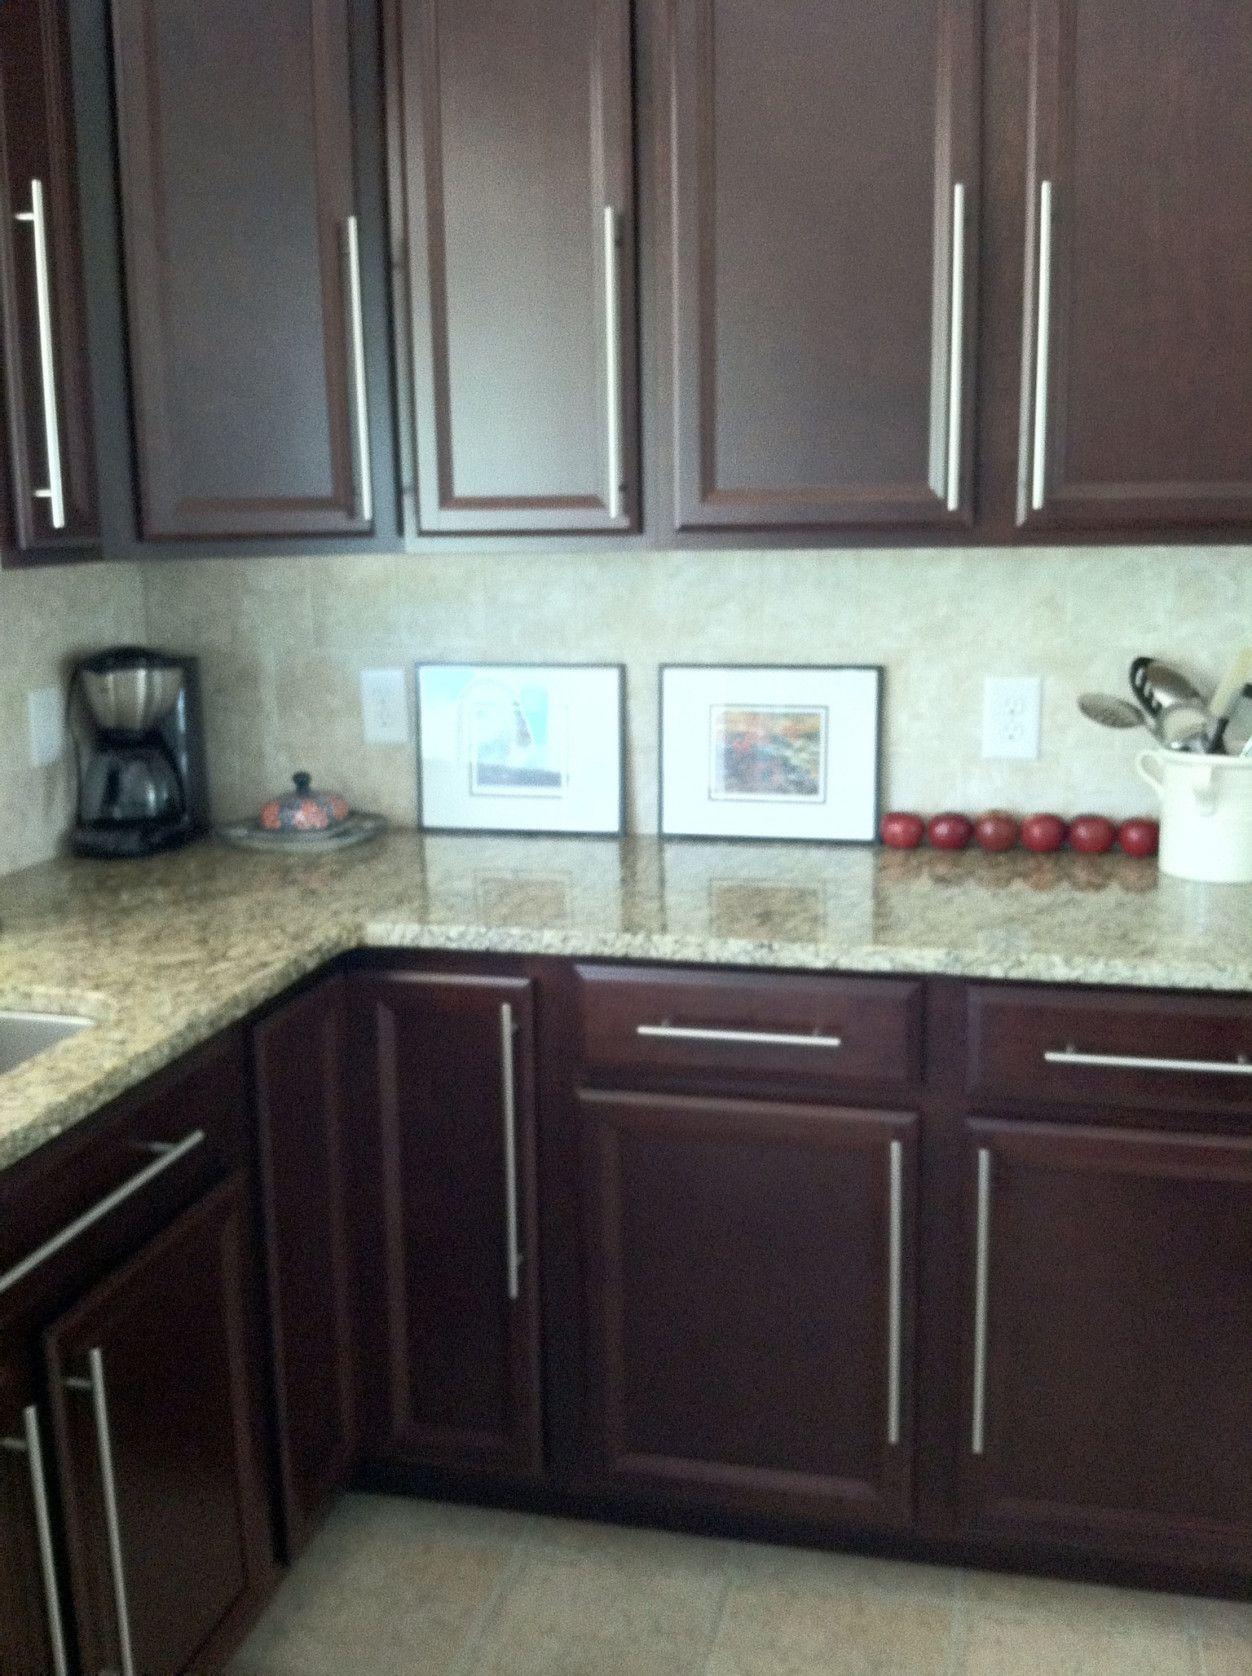 2019 Long Kitchen Cabinet Handles Unique Backsplash Ideas Check More At Http